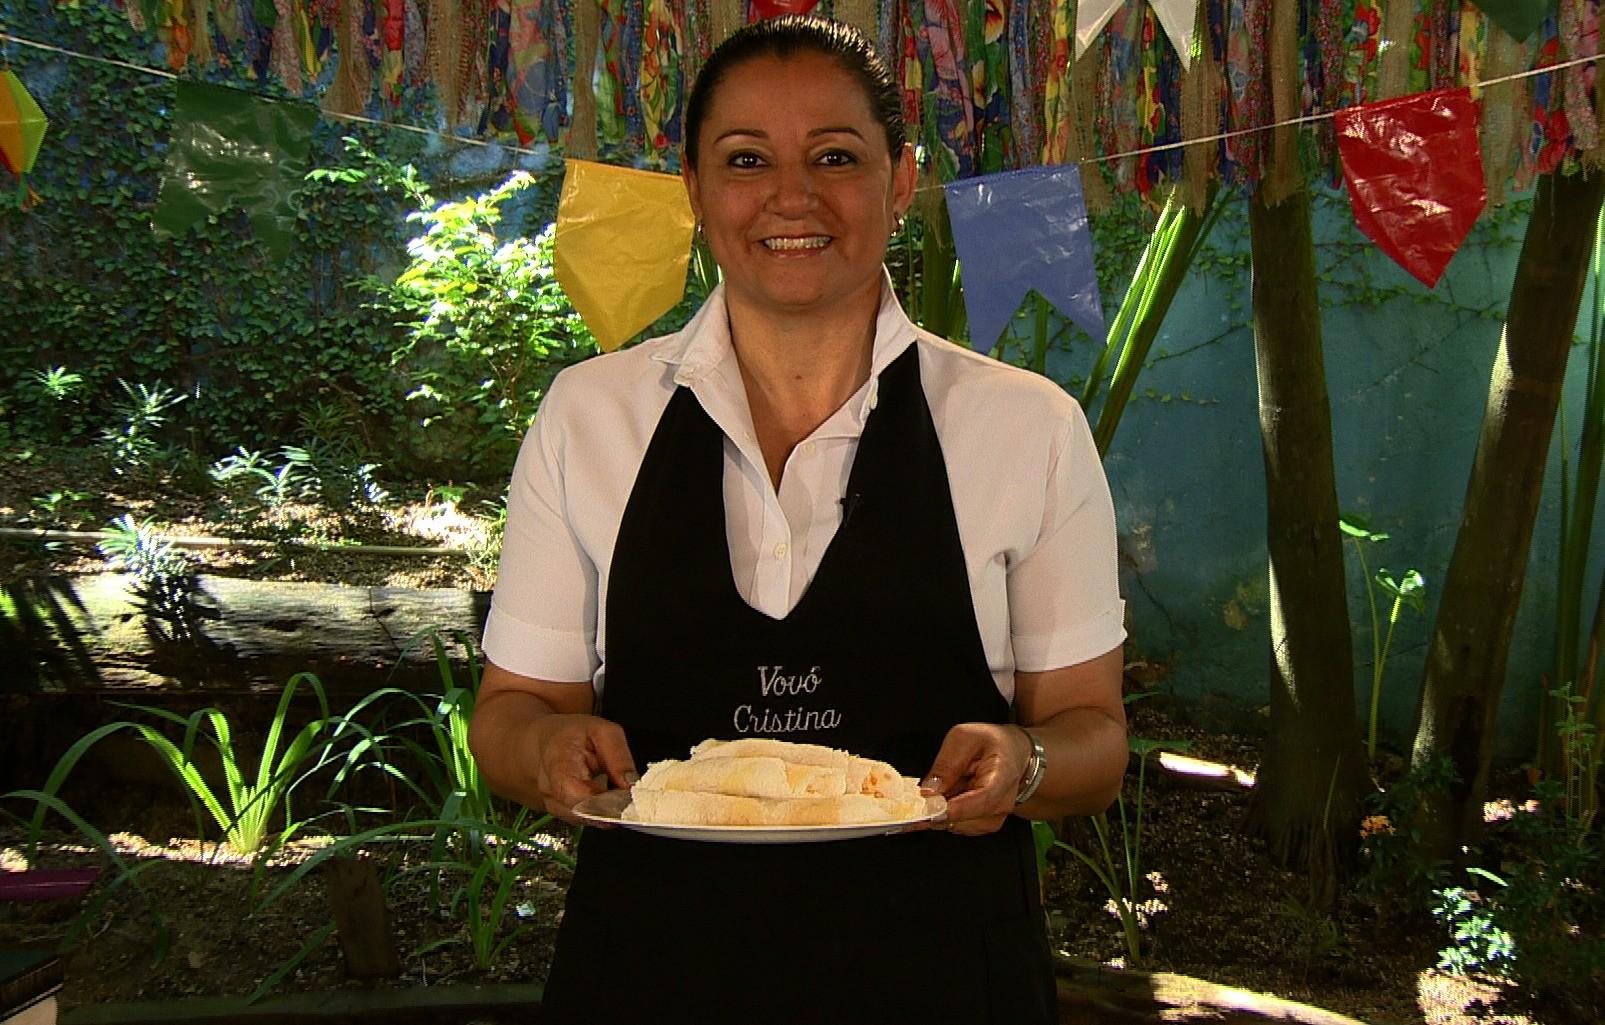 Vovó Cristina ensina como preparar uma deliciosa tapioca com castanha com queijo coalho  (Foto: Rede Amazônica/AVG)